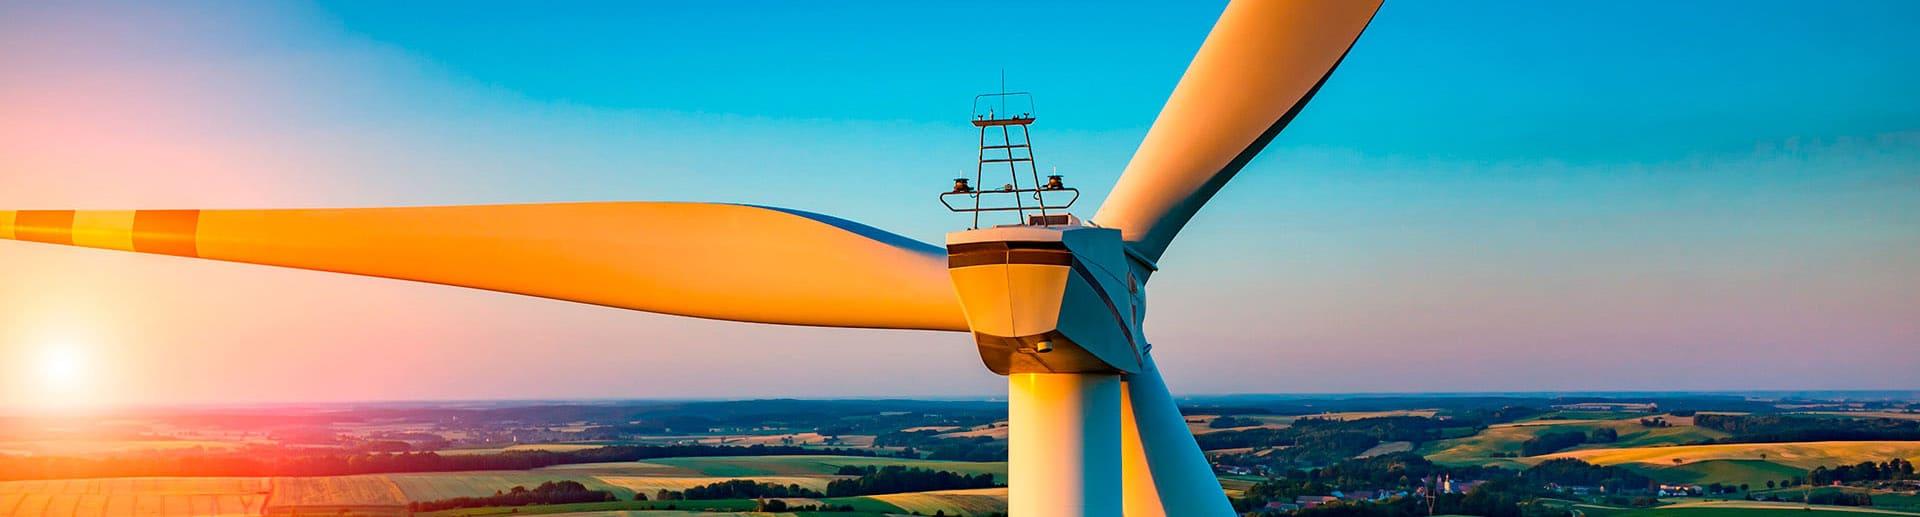 Купить аккумуляторы для ветряных электростанций